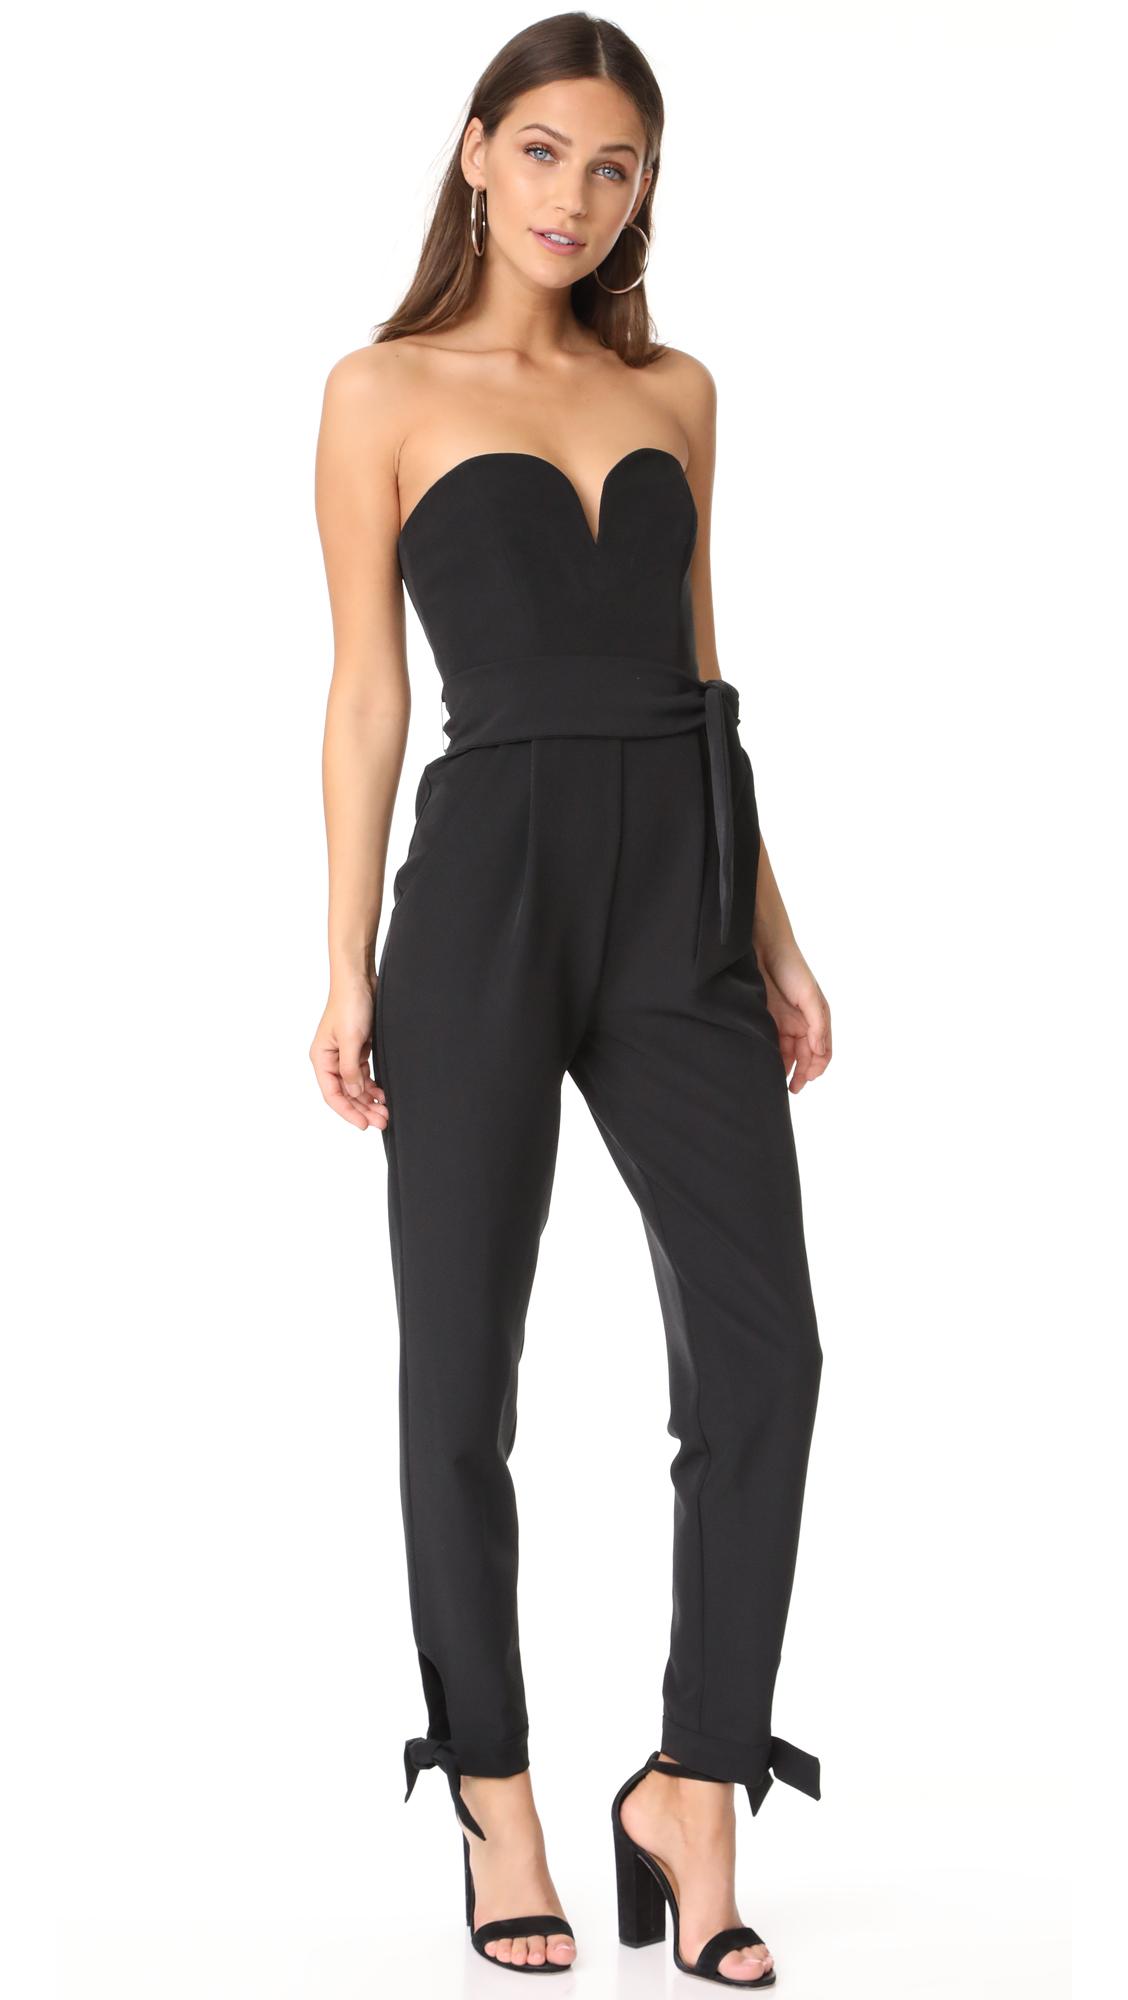 Milly Eva Jumpsuit - Black